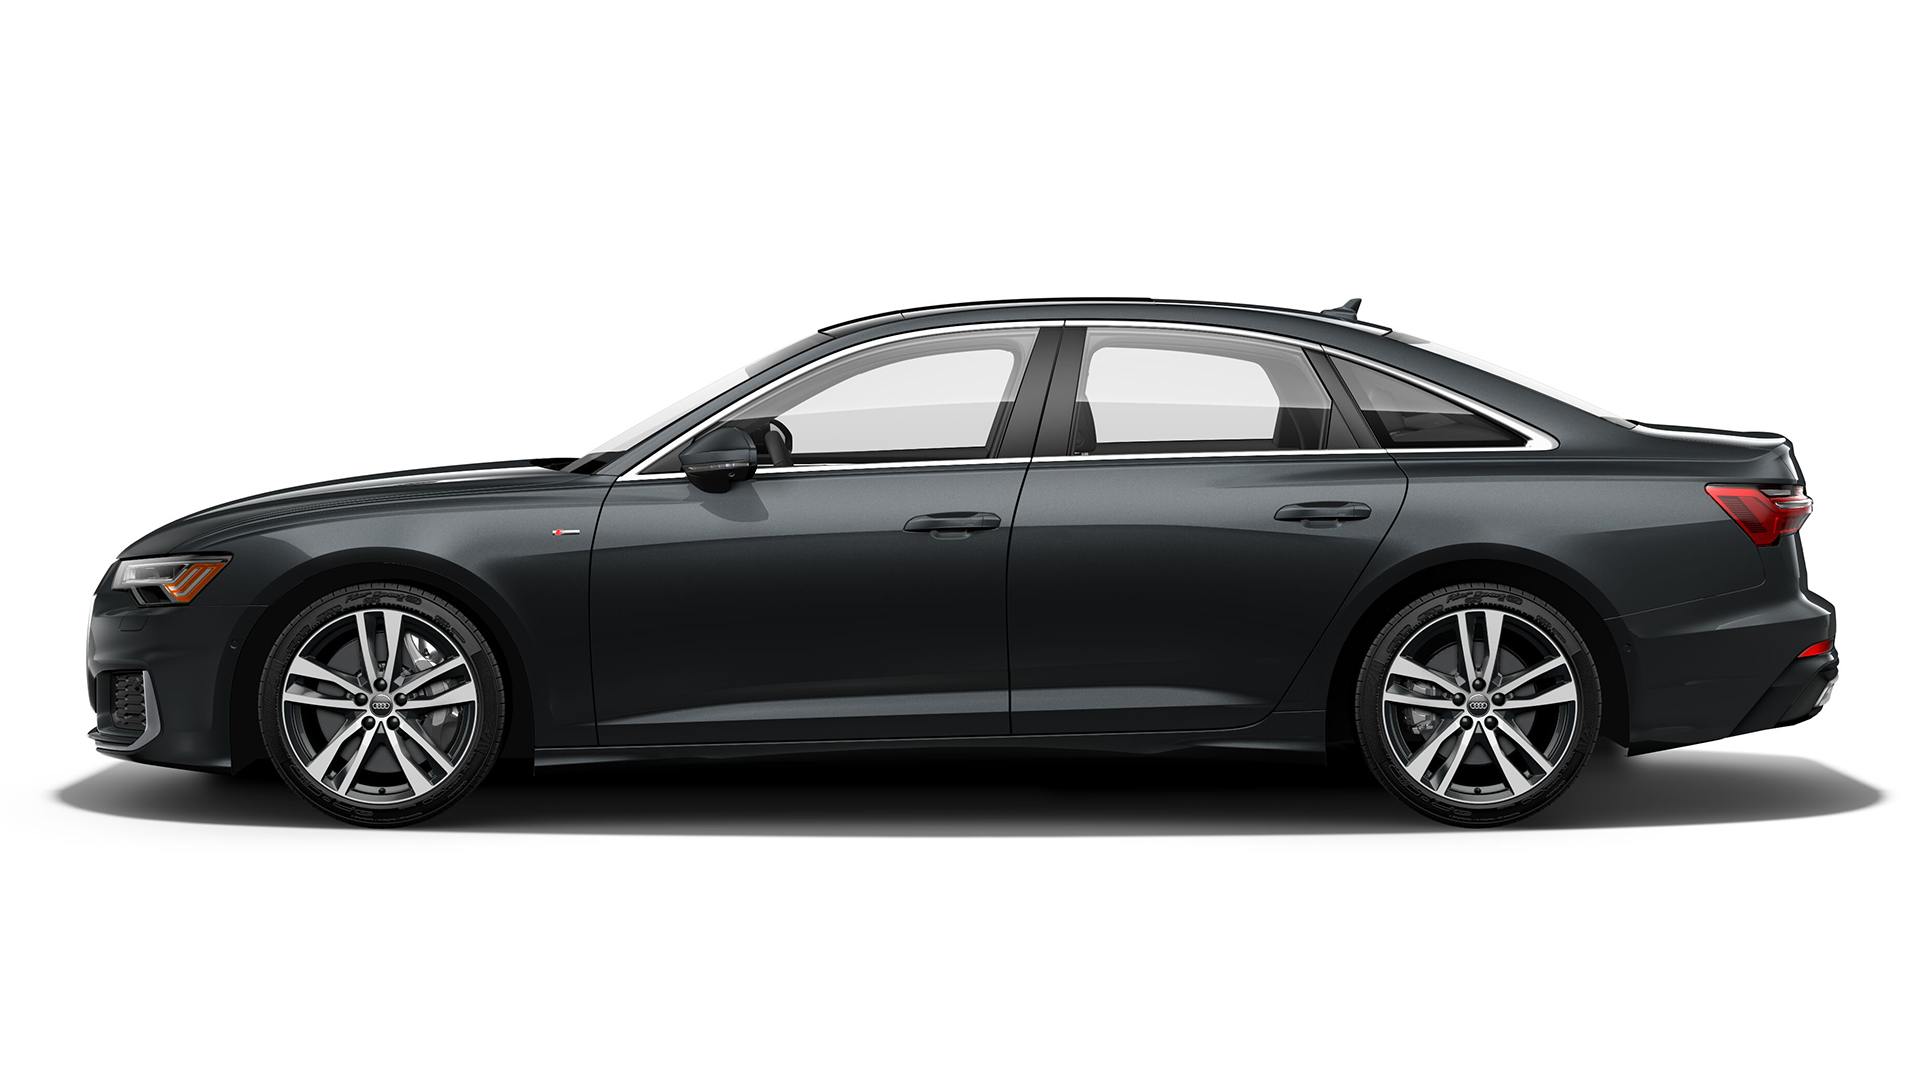 2021 Audi A6 Luxury Sport Sedan Is Here Audi Raleigh Blog